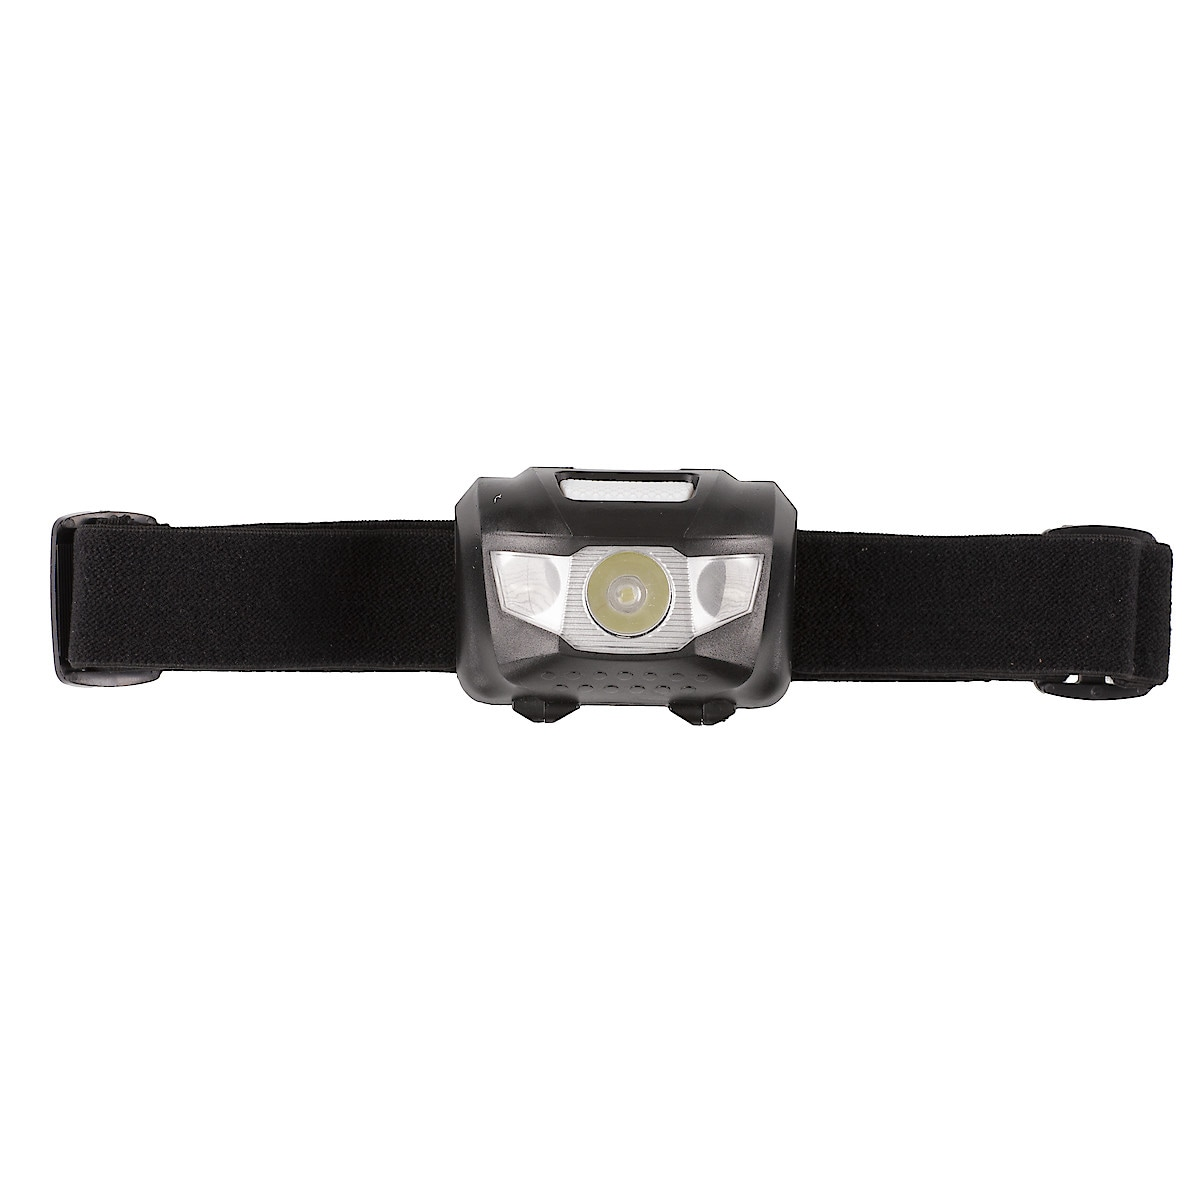 Pannlampa LED